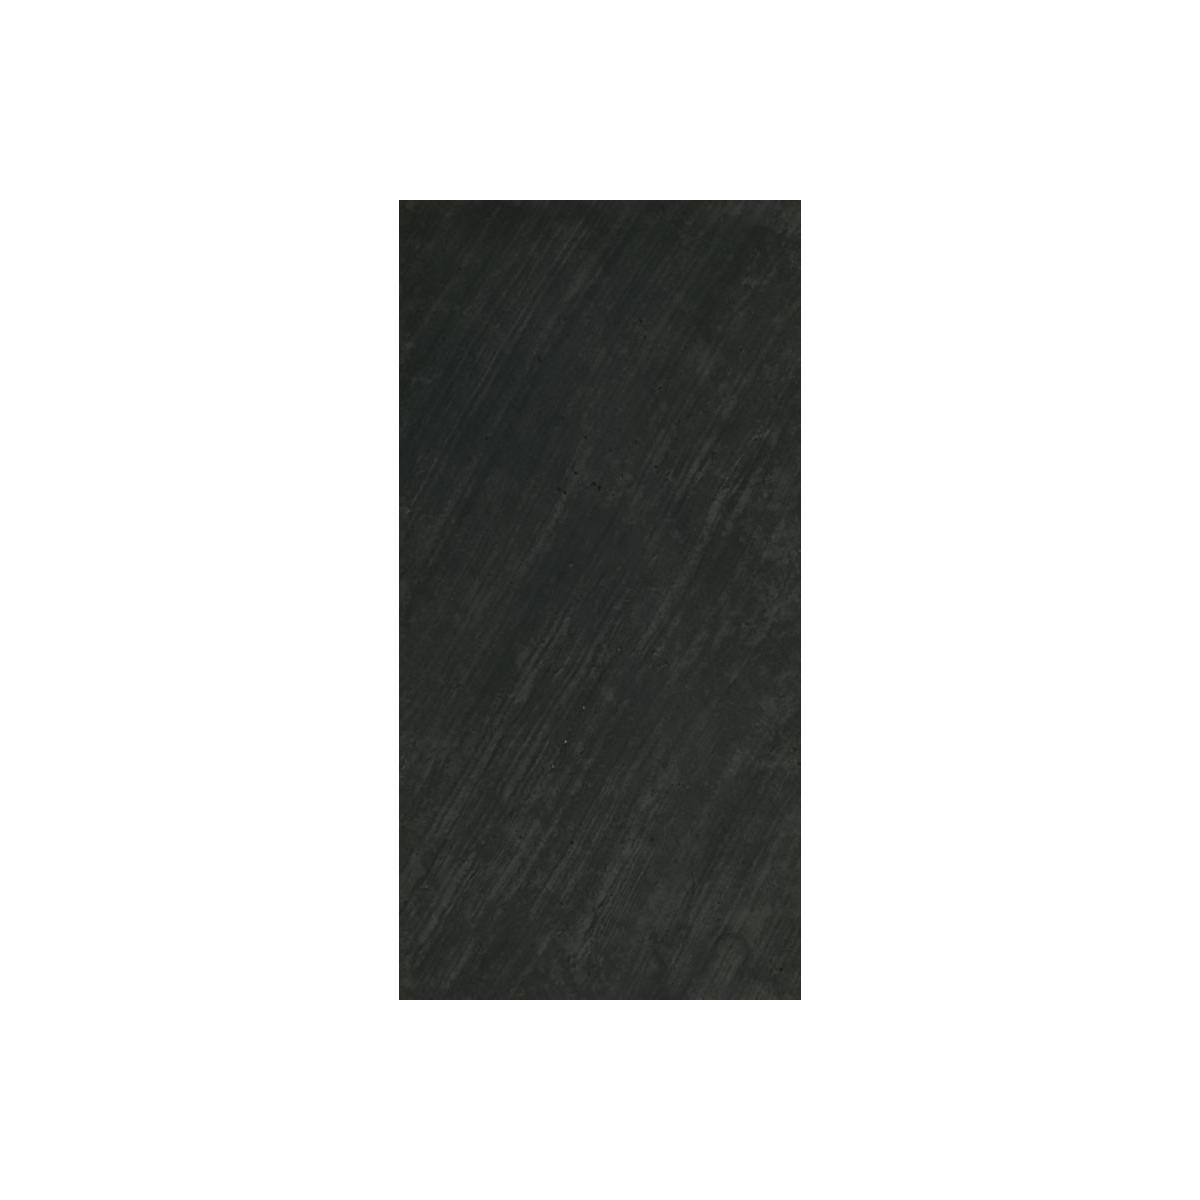 Pizarra natural flexible FT3001 / FS6001 (ud)